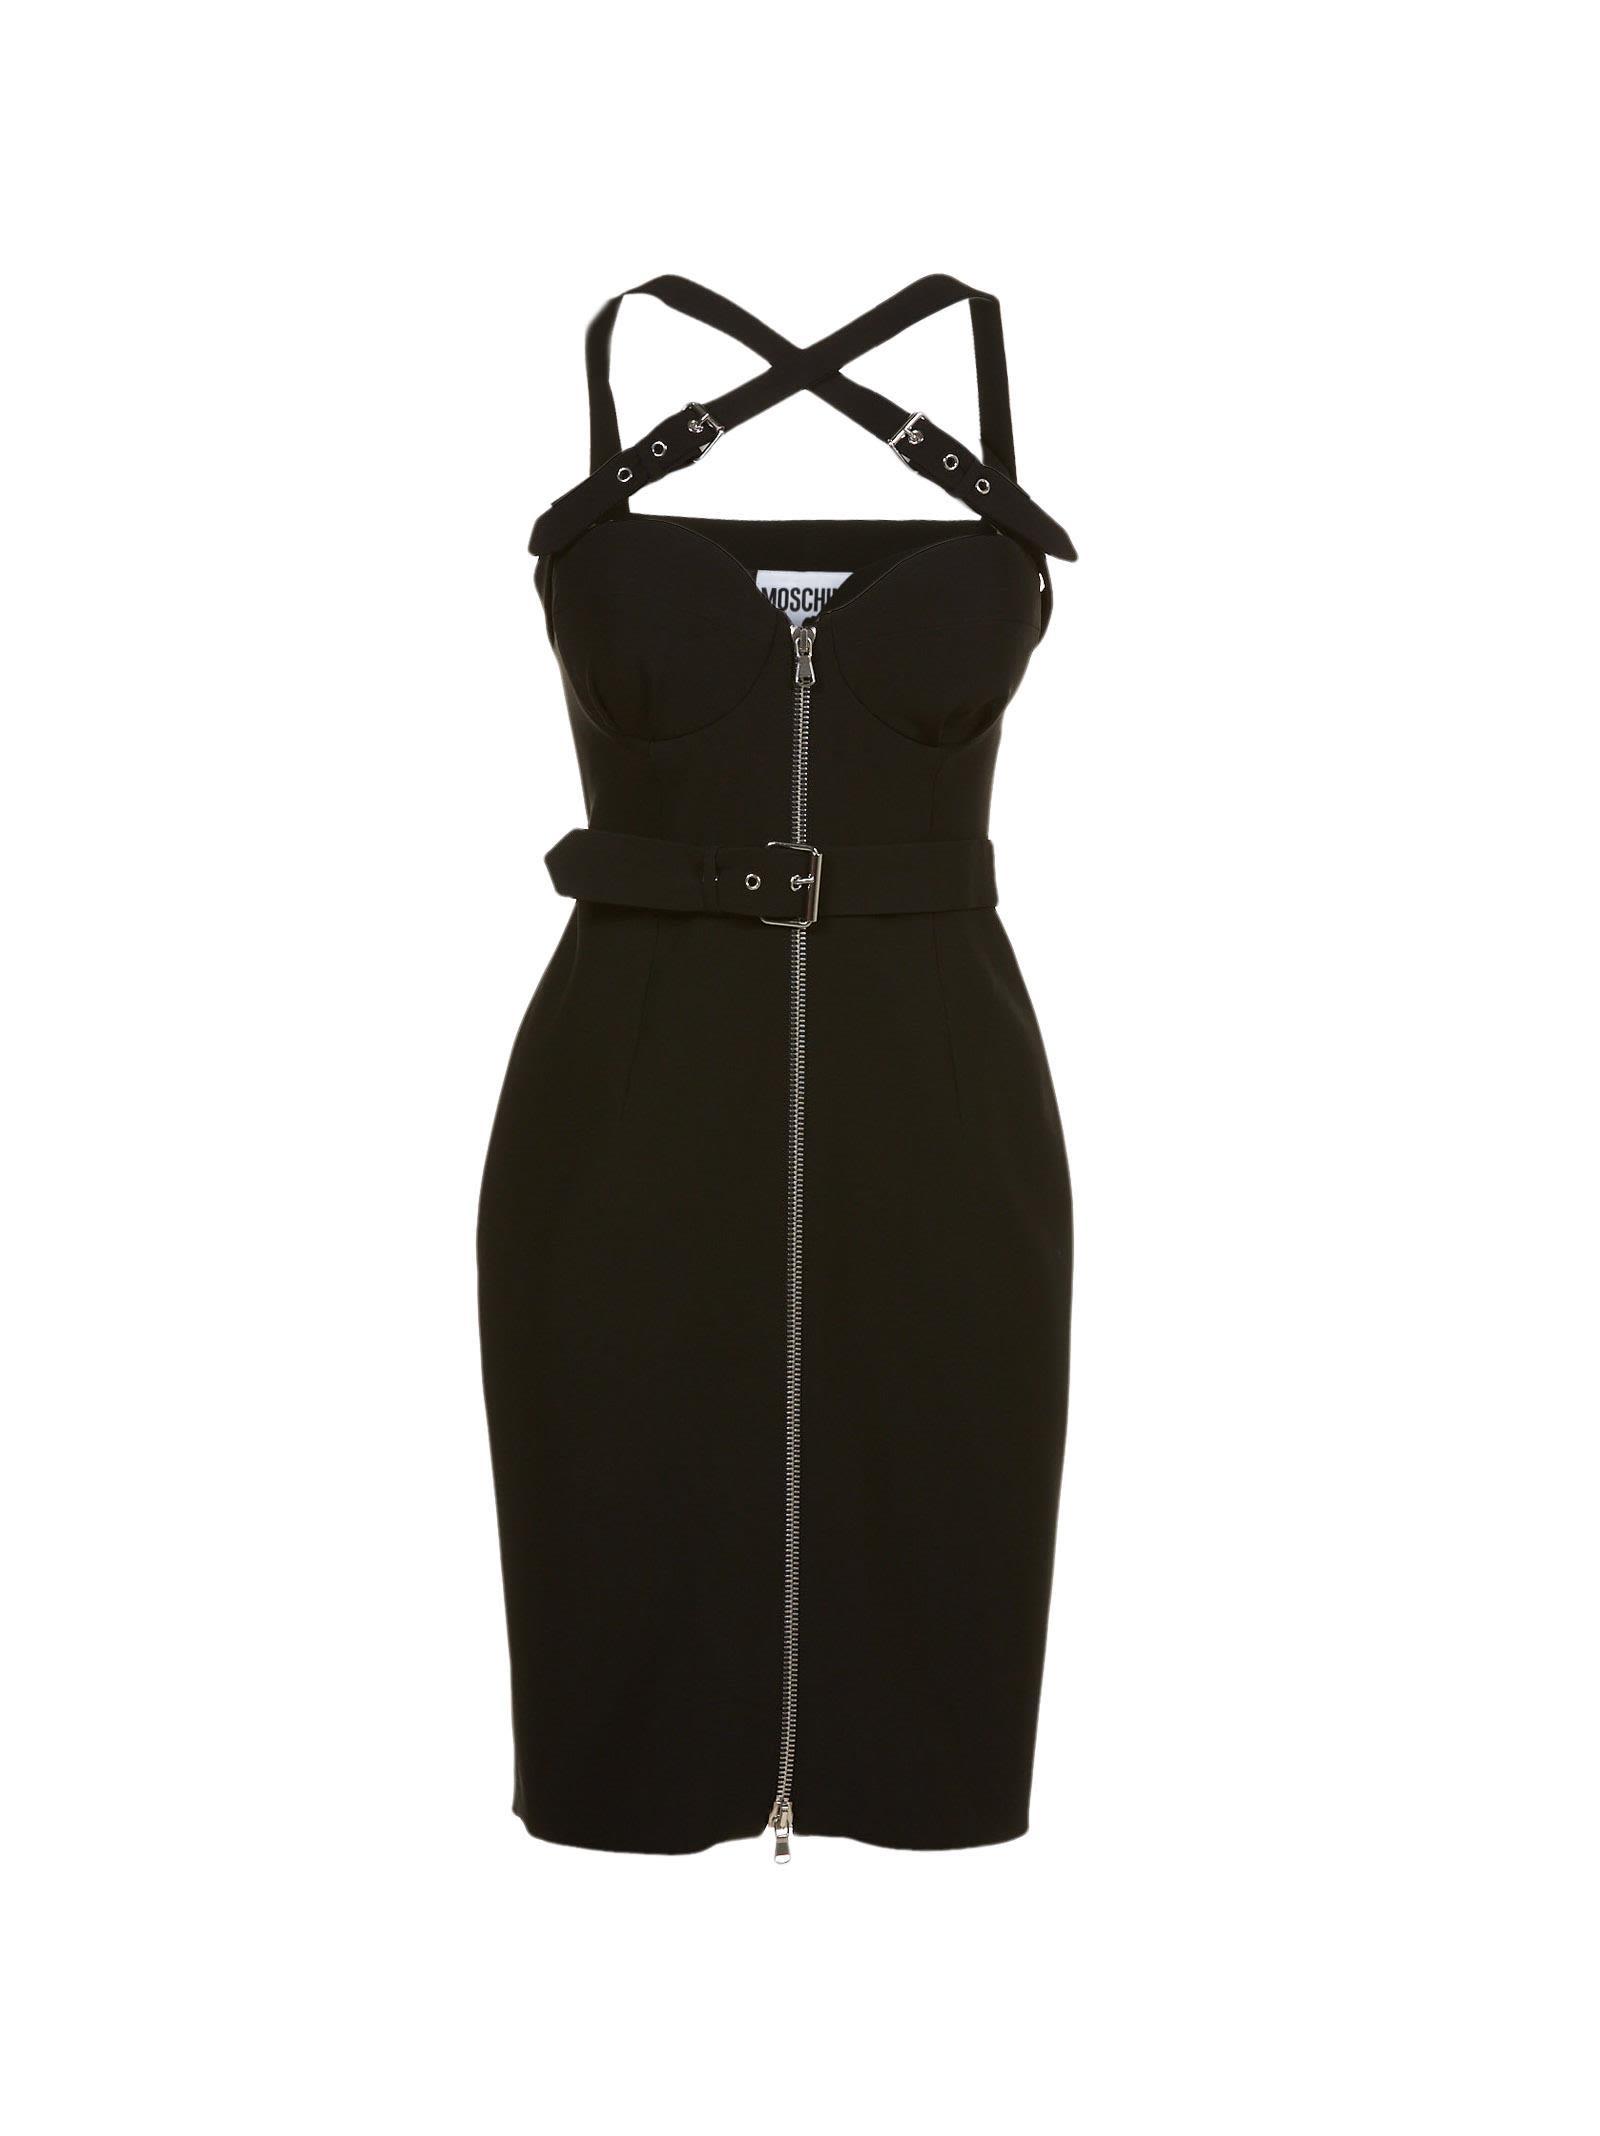 Moschino Criss Cross Dress 10577629